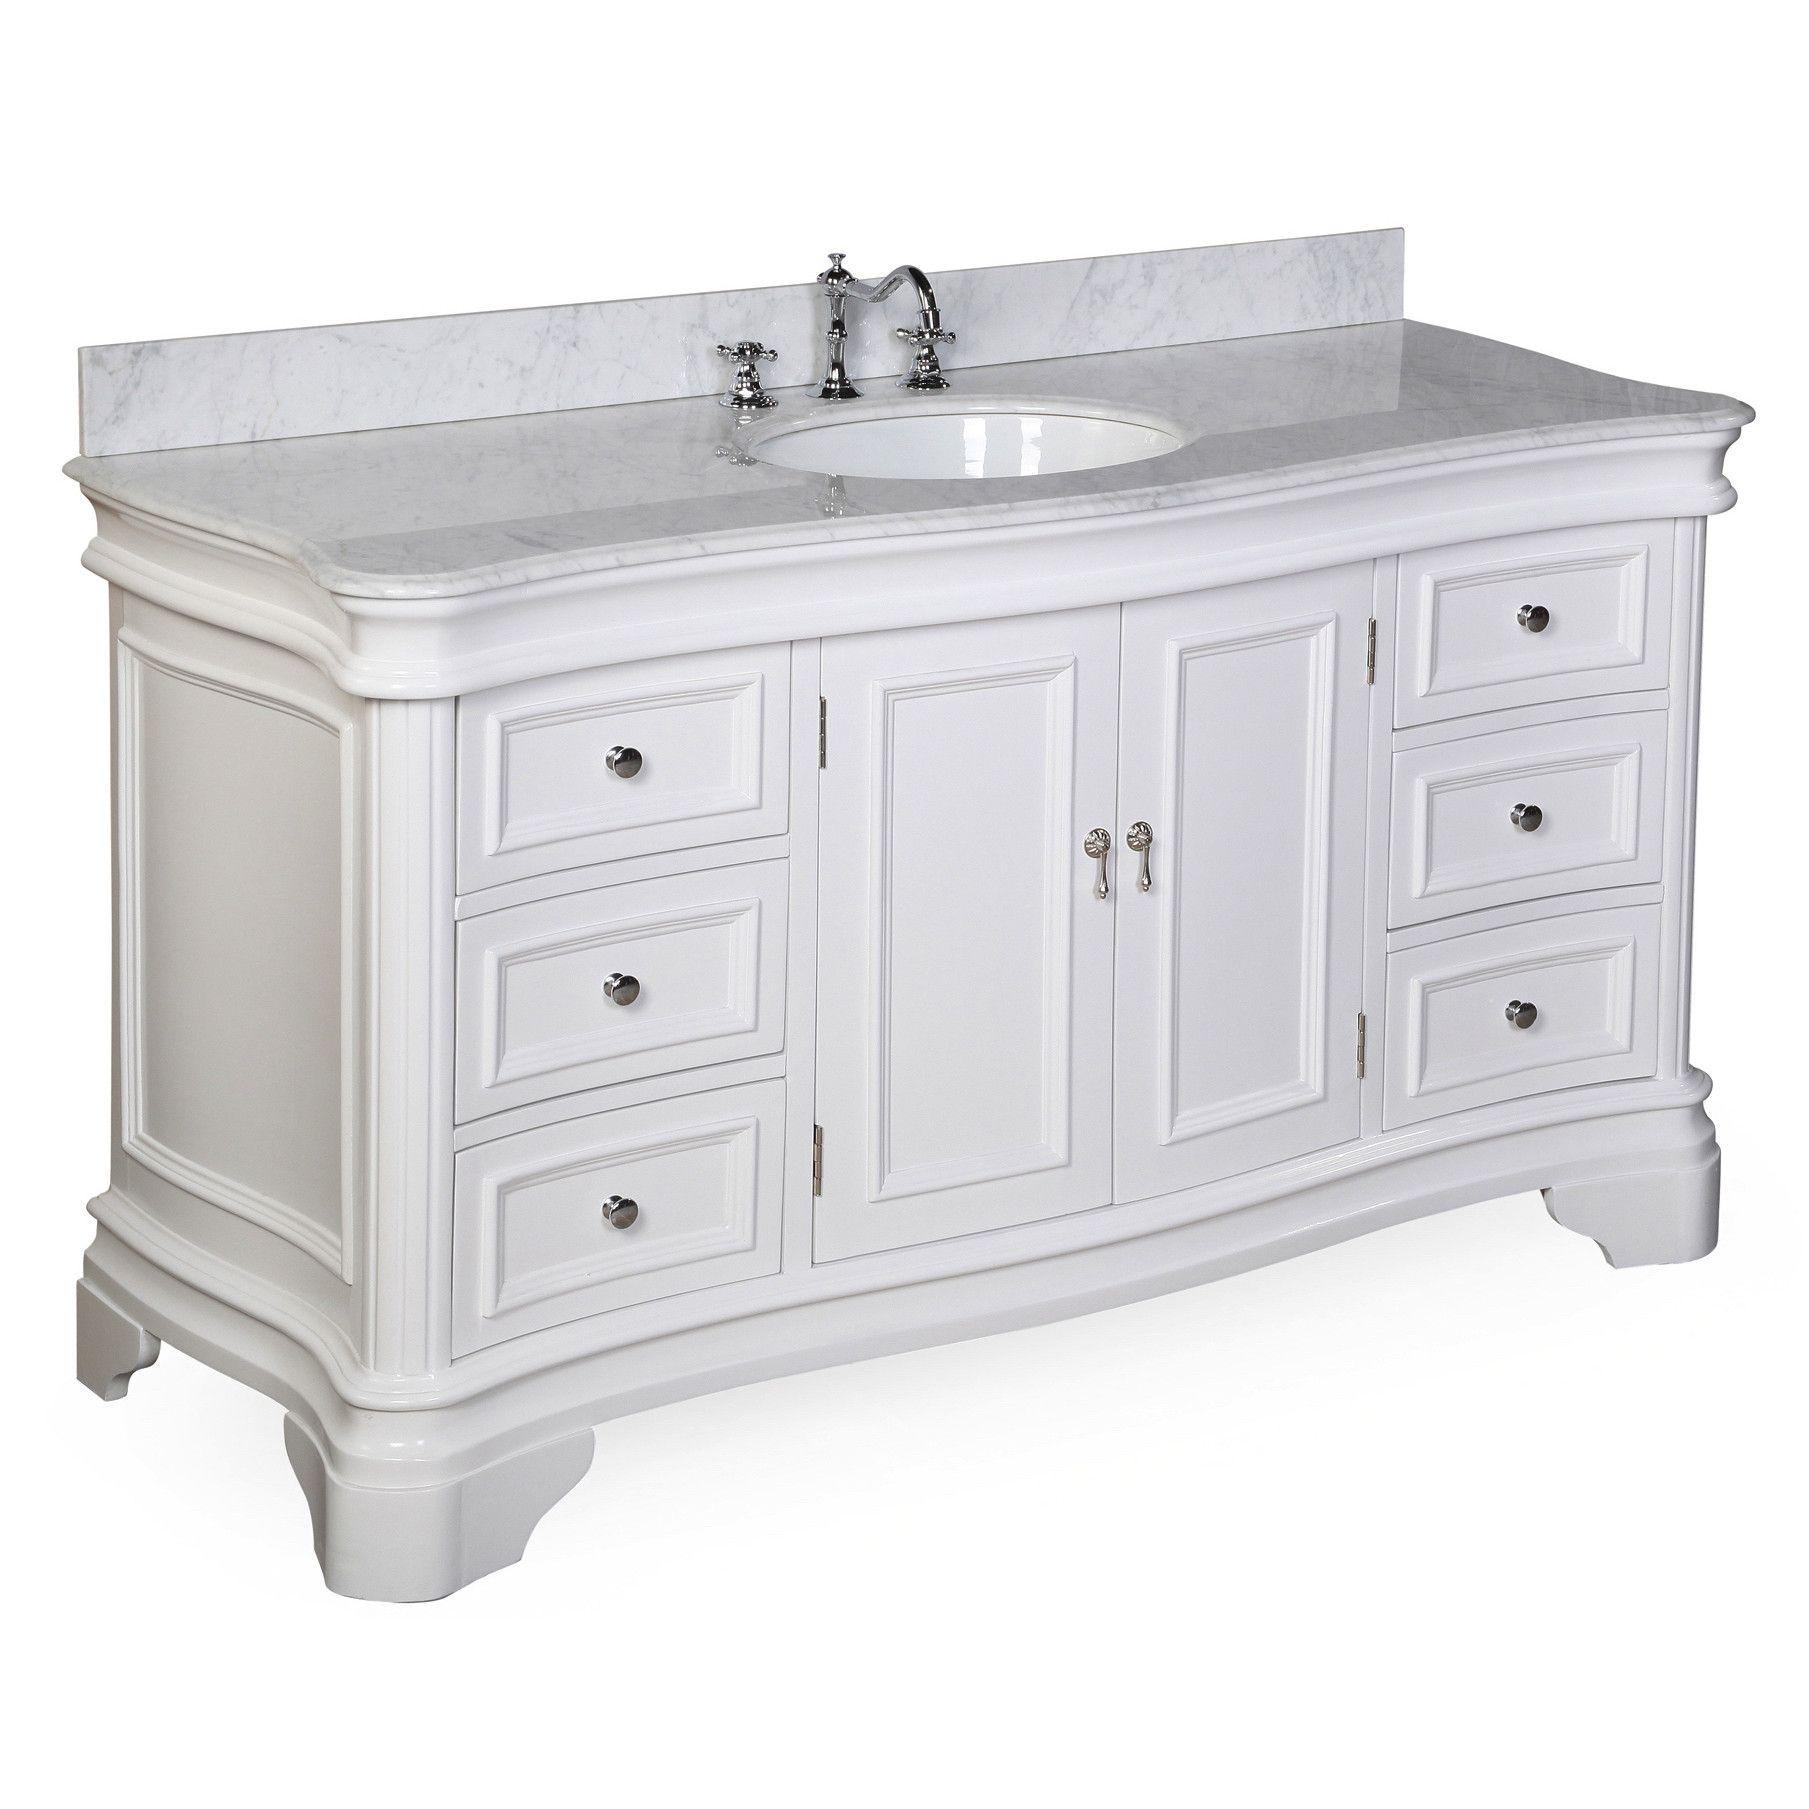 Kbc Katherine 60 Single Sink Bathroom Vanity Set Single Bathroom Vanity Kitchen Bath Collection Bathroom Vanity